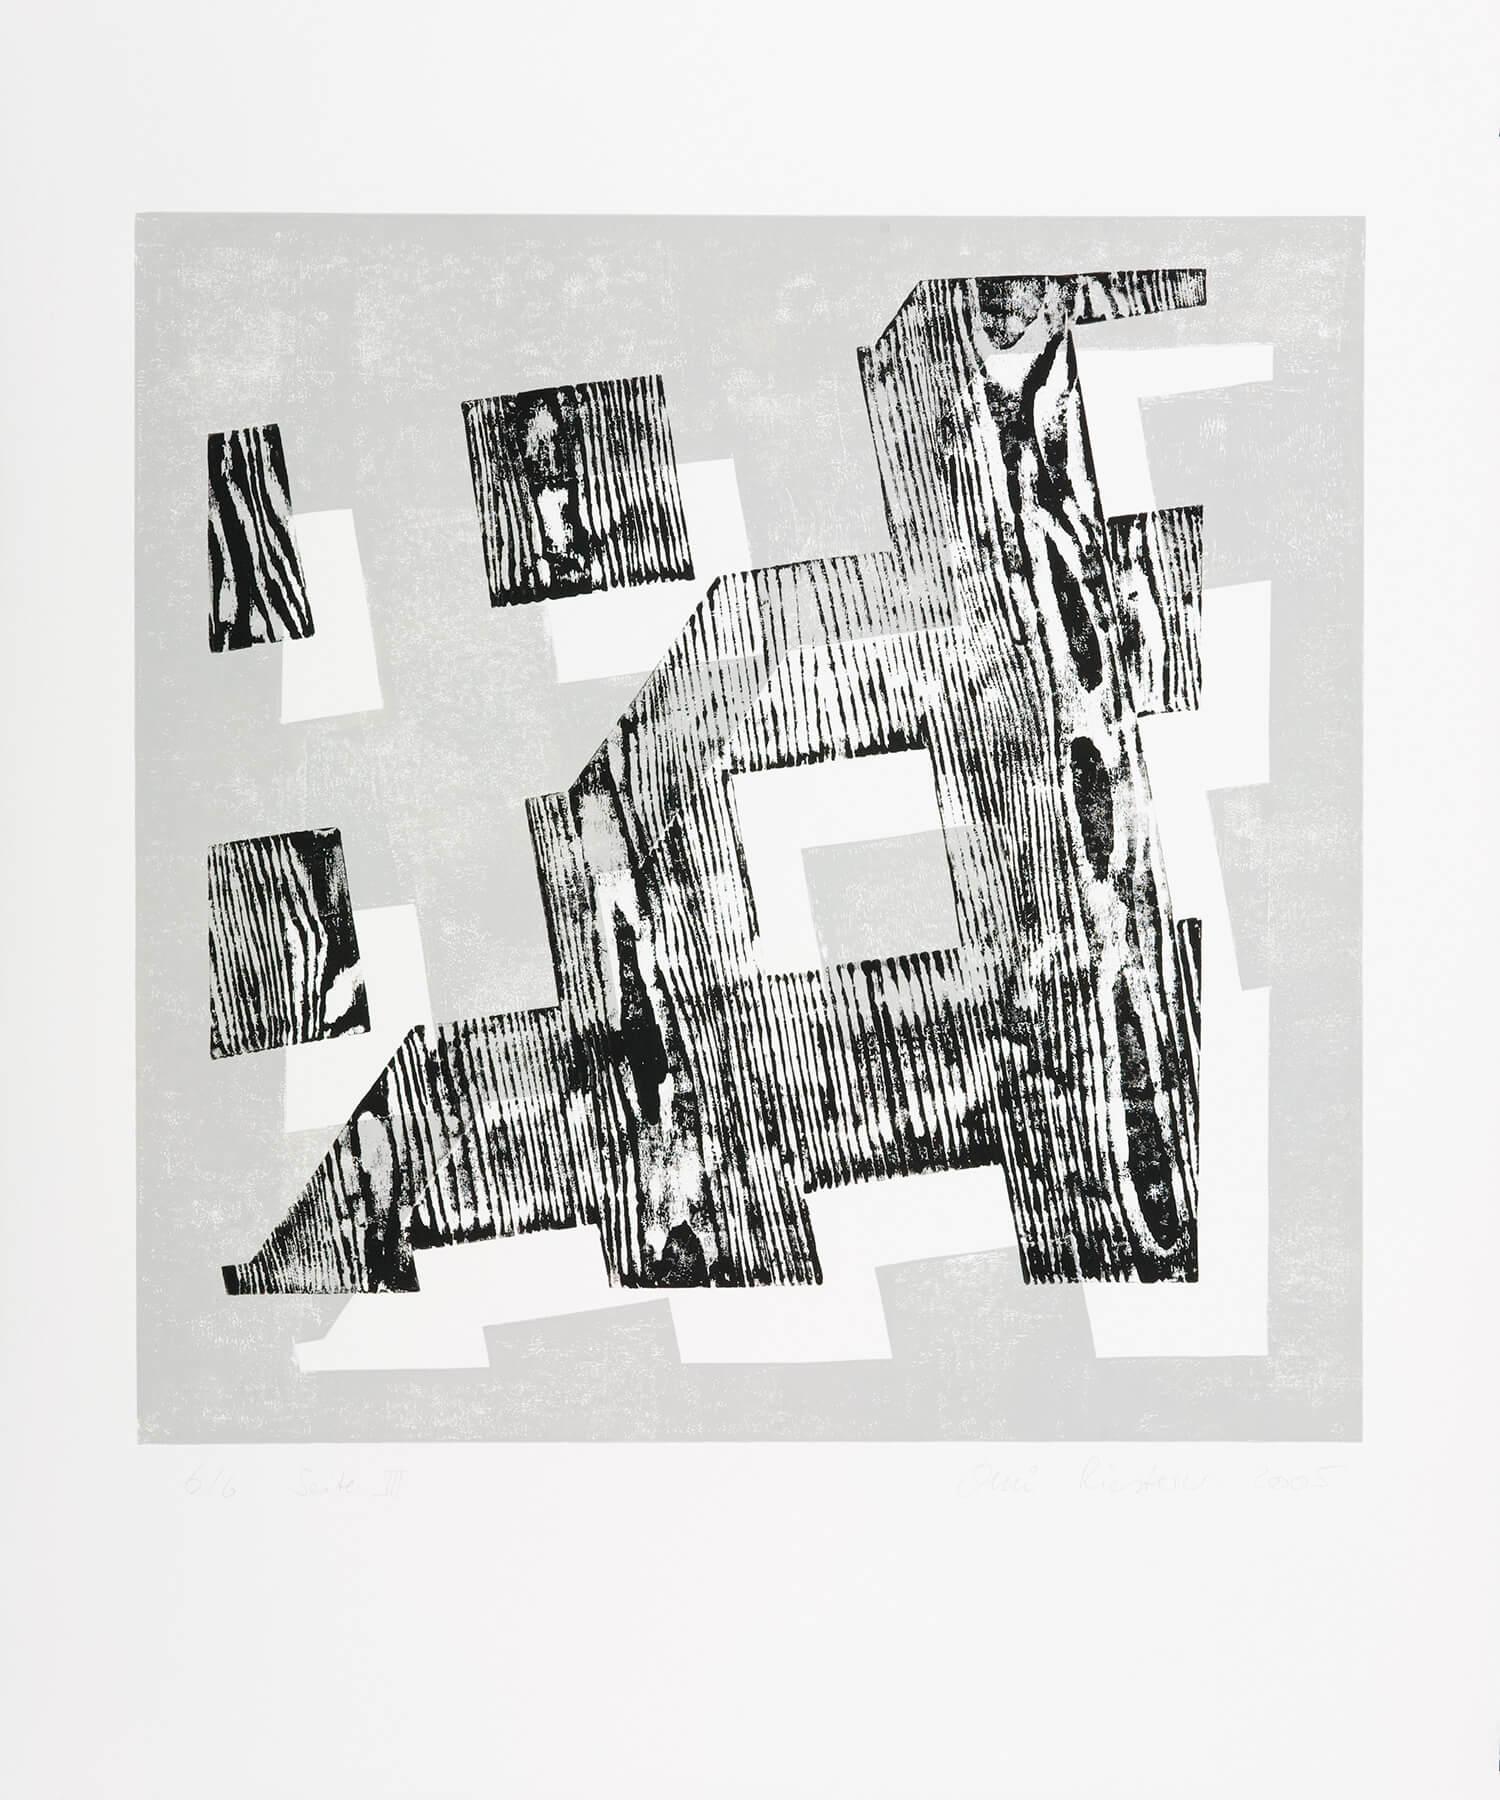 OMI Riesterer Grafik Karlsruhe Offener Würfelseiten Hochdruck Holzdruck